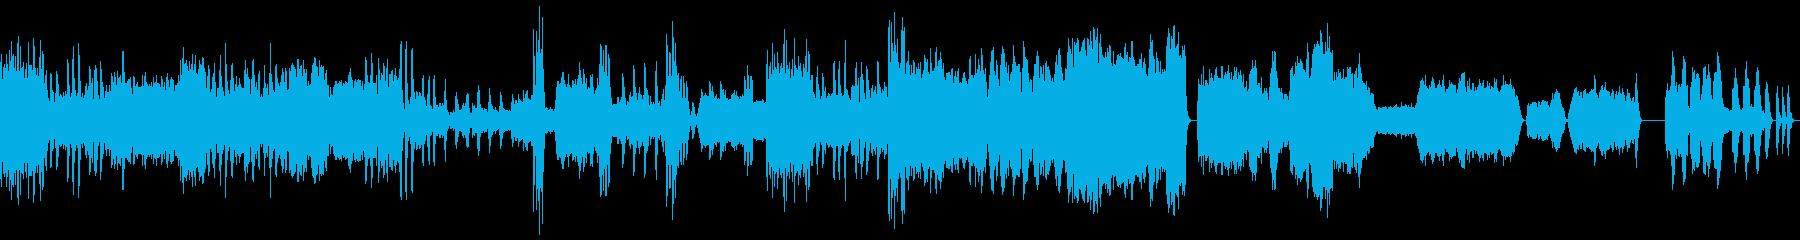 スメタナ「わが生涯より」第4楽章の再生済みの波形